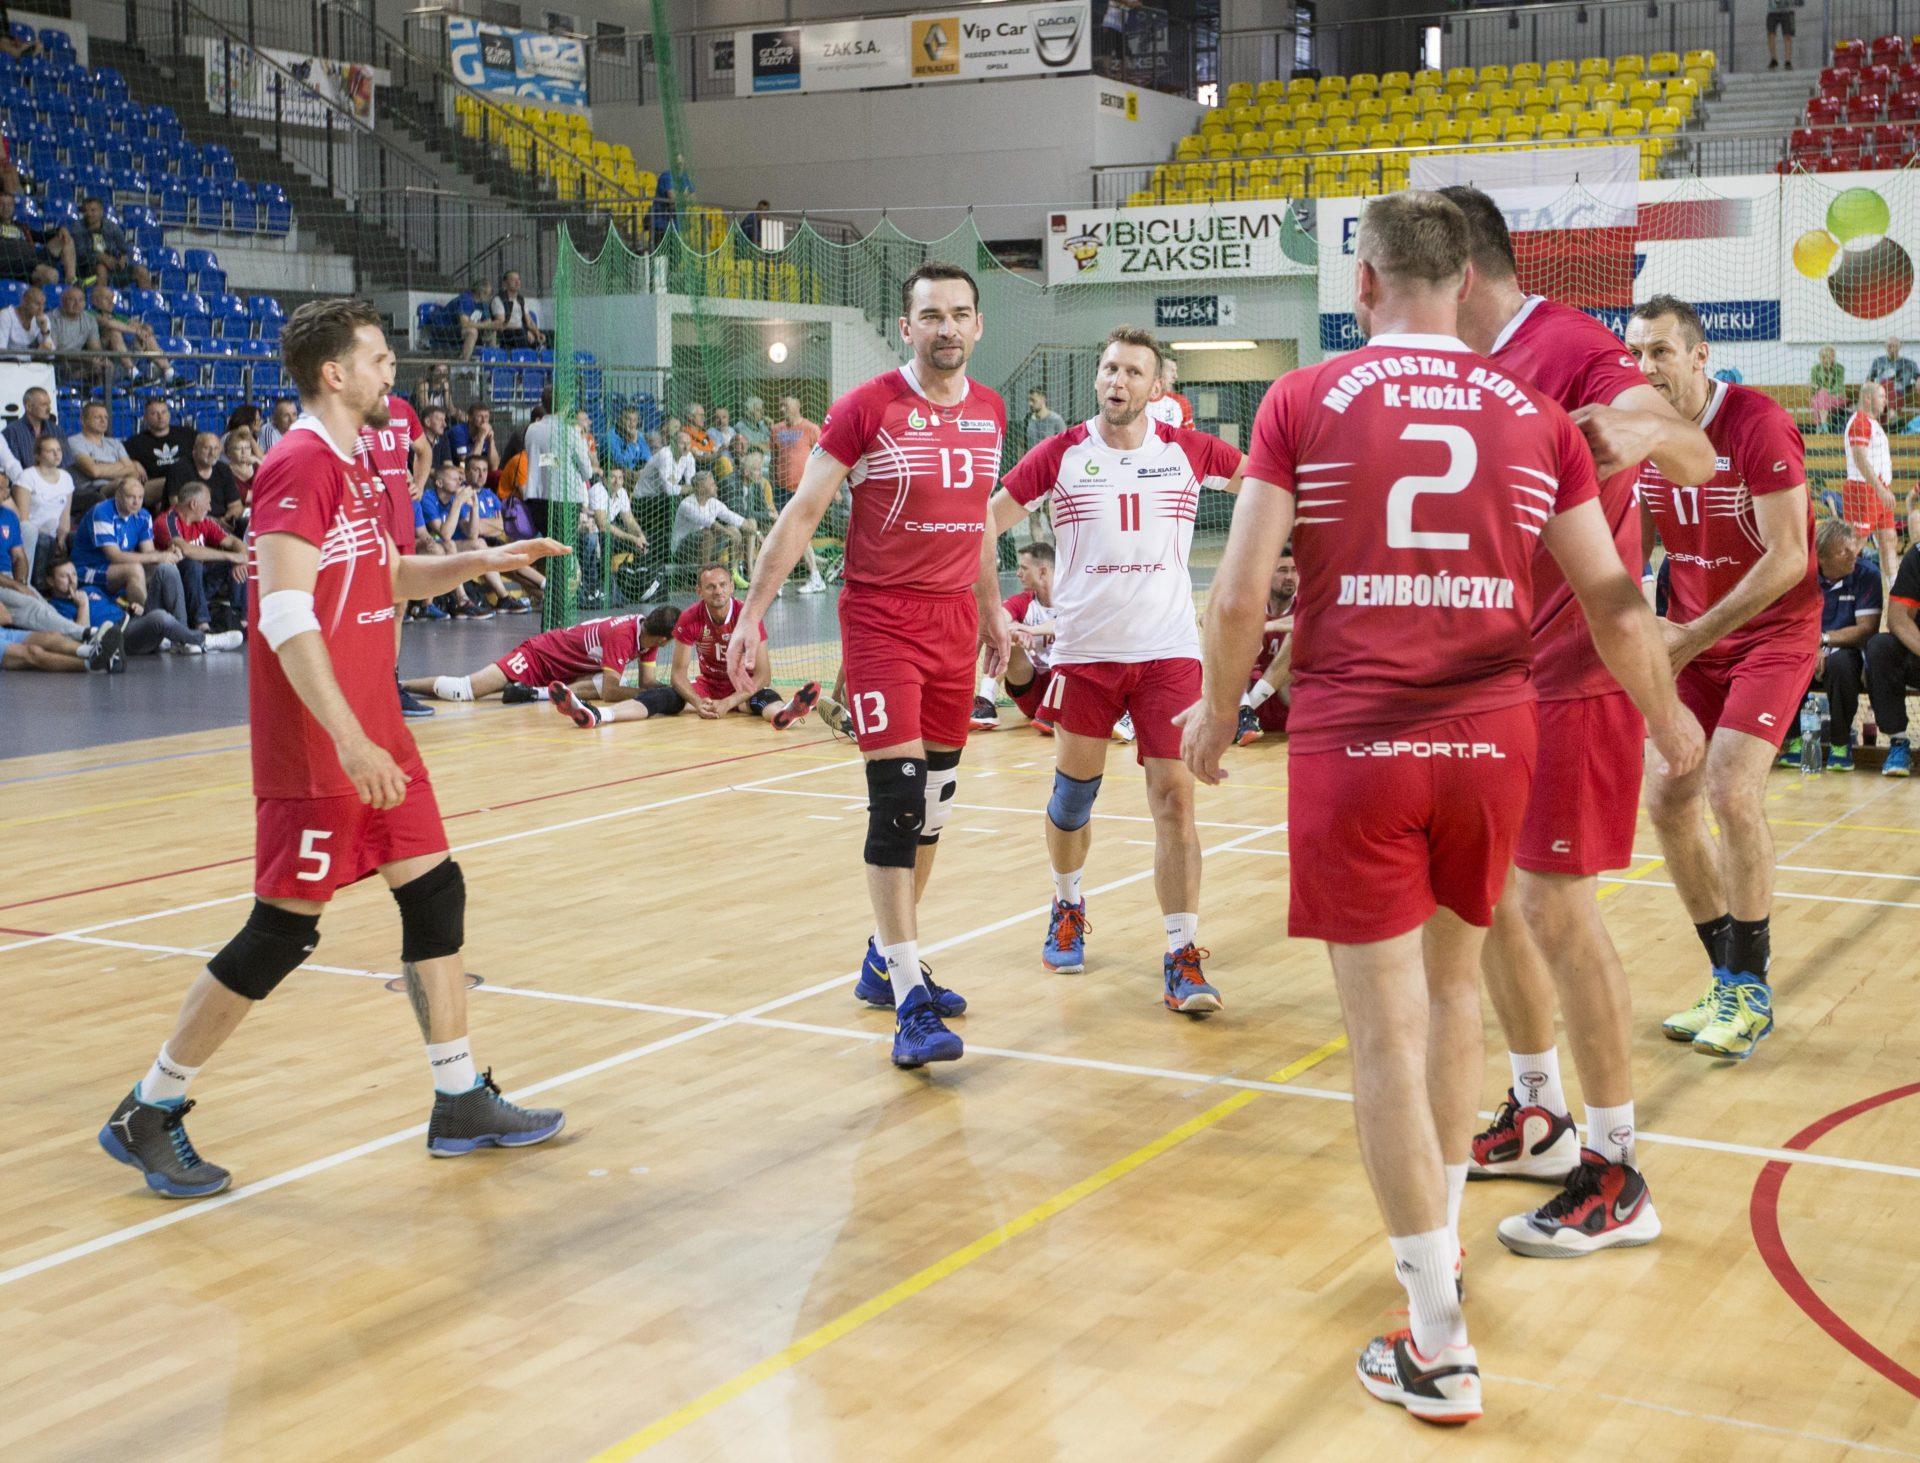 XXII Mistrzostwa Polski Old Boyów – srebrny Mostostal